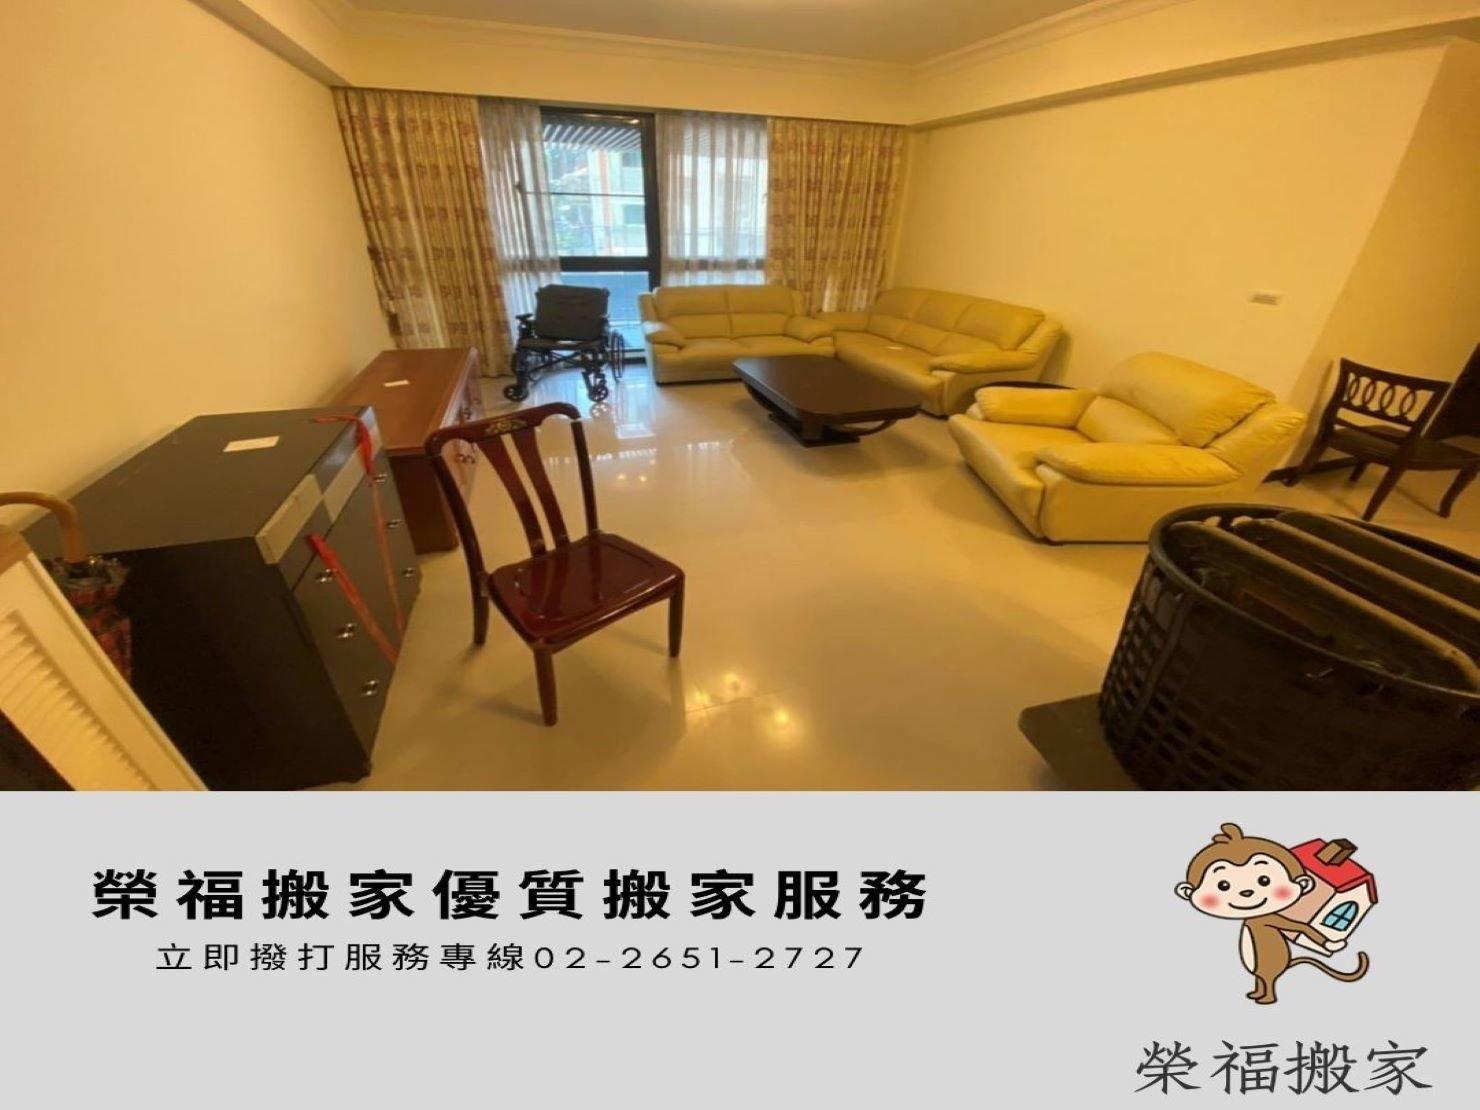 【搬家實錄】新北搬家實例-舊公寓6樓樓梯搬遷